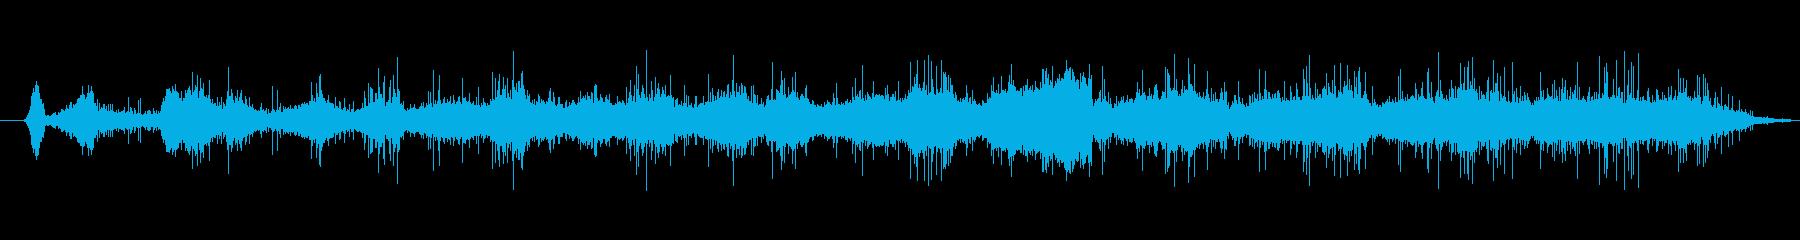 シズルバイ、強烈な定数スパッタリングの再生済みの波形